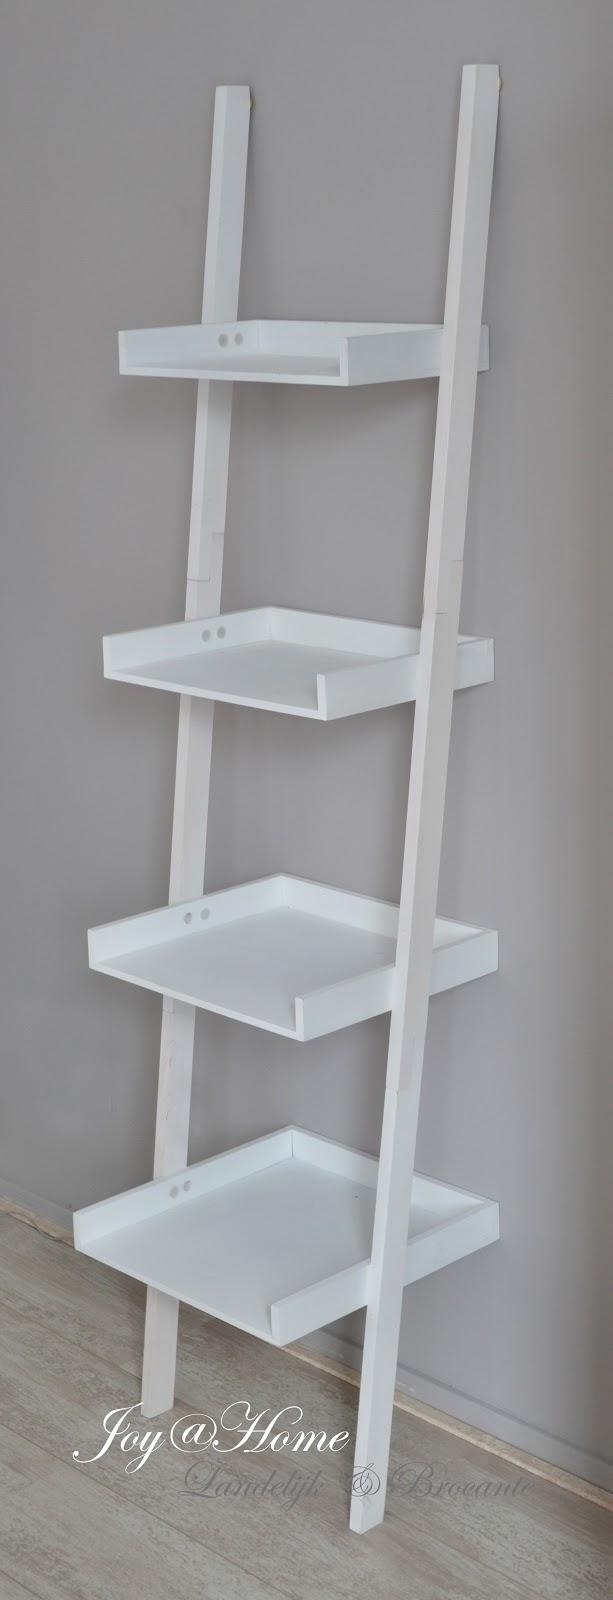 Joy home living soap gifts landelijke sidetable trap als wandrek - Decoratie interieur trap schilderij ...